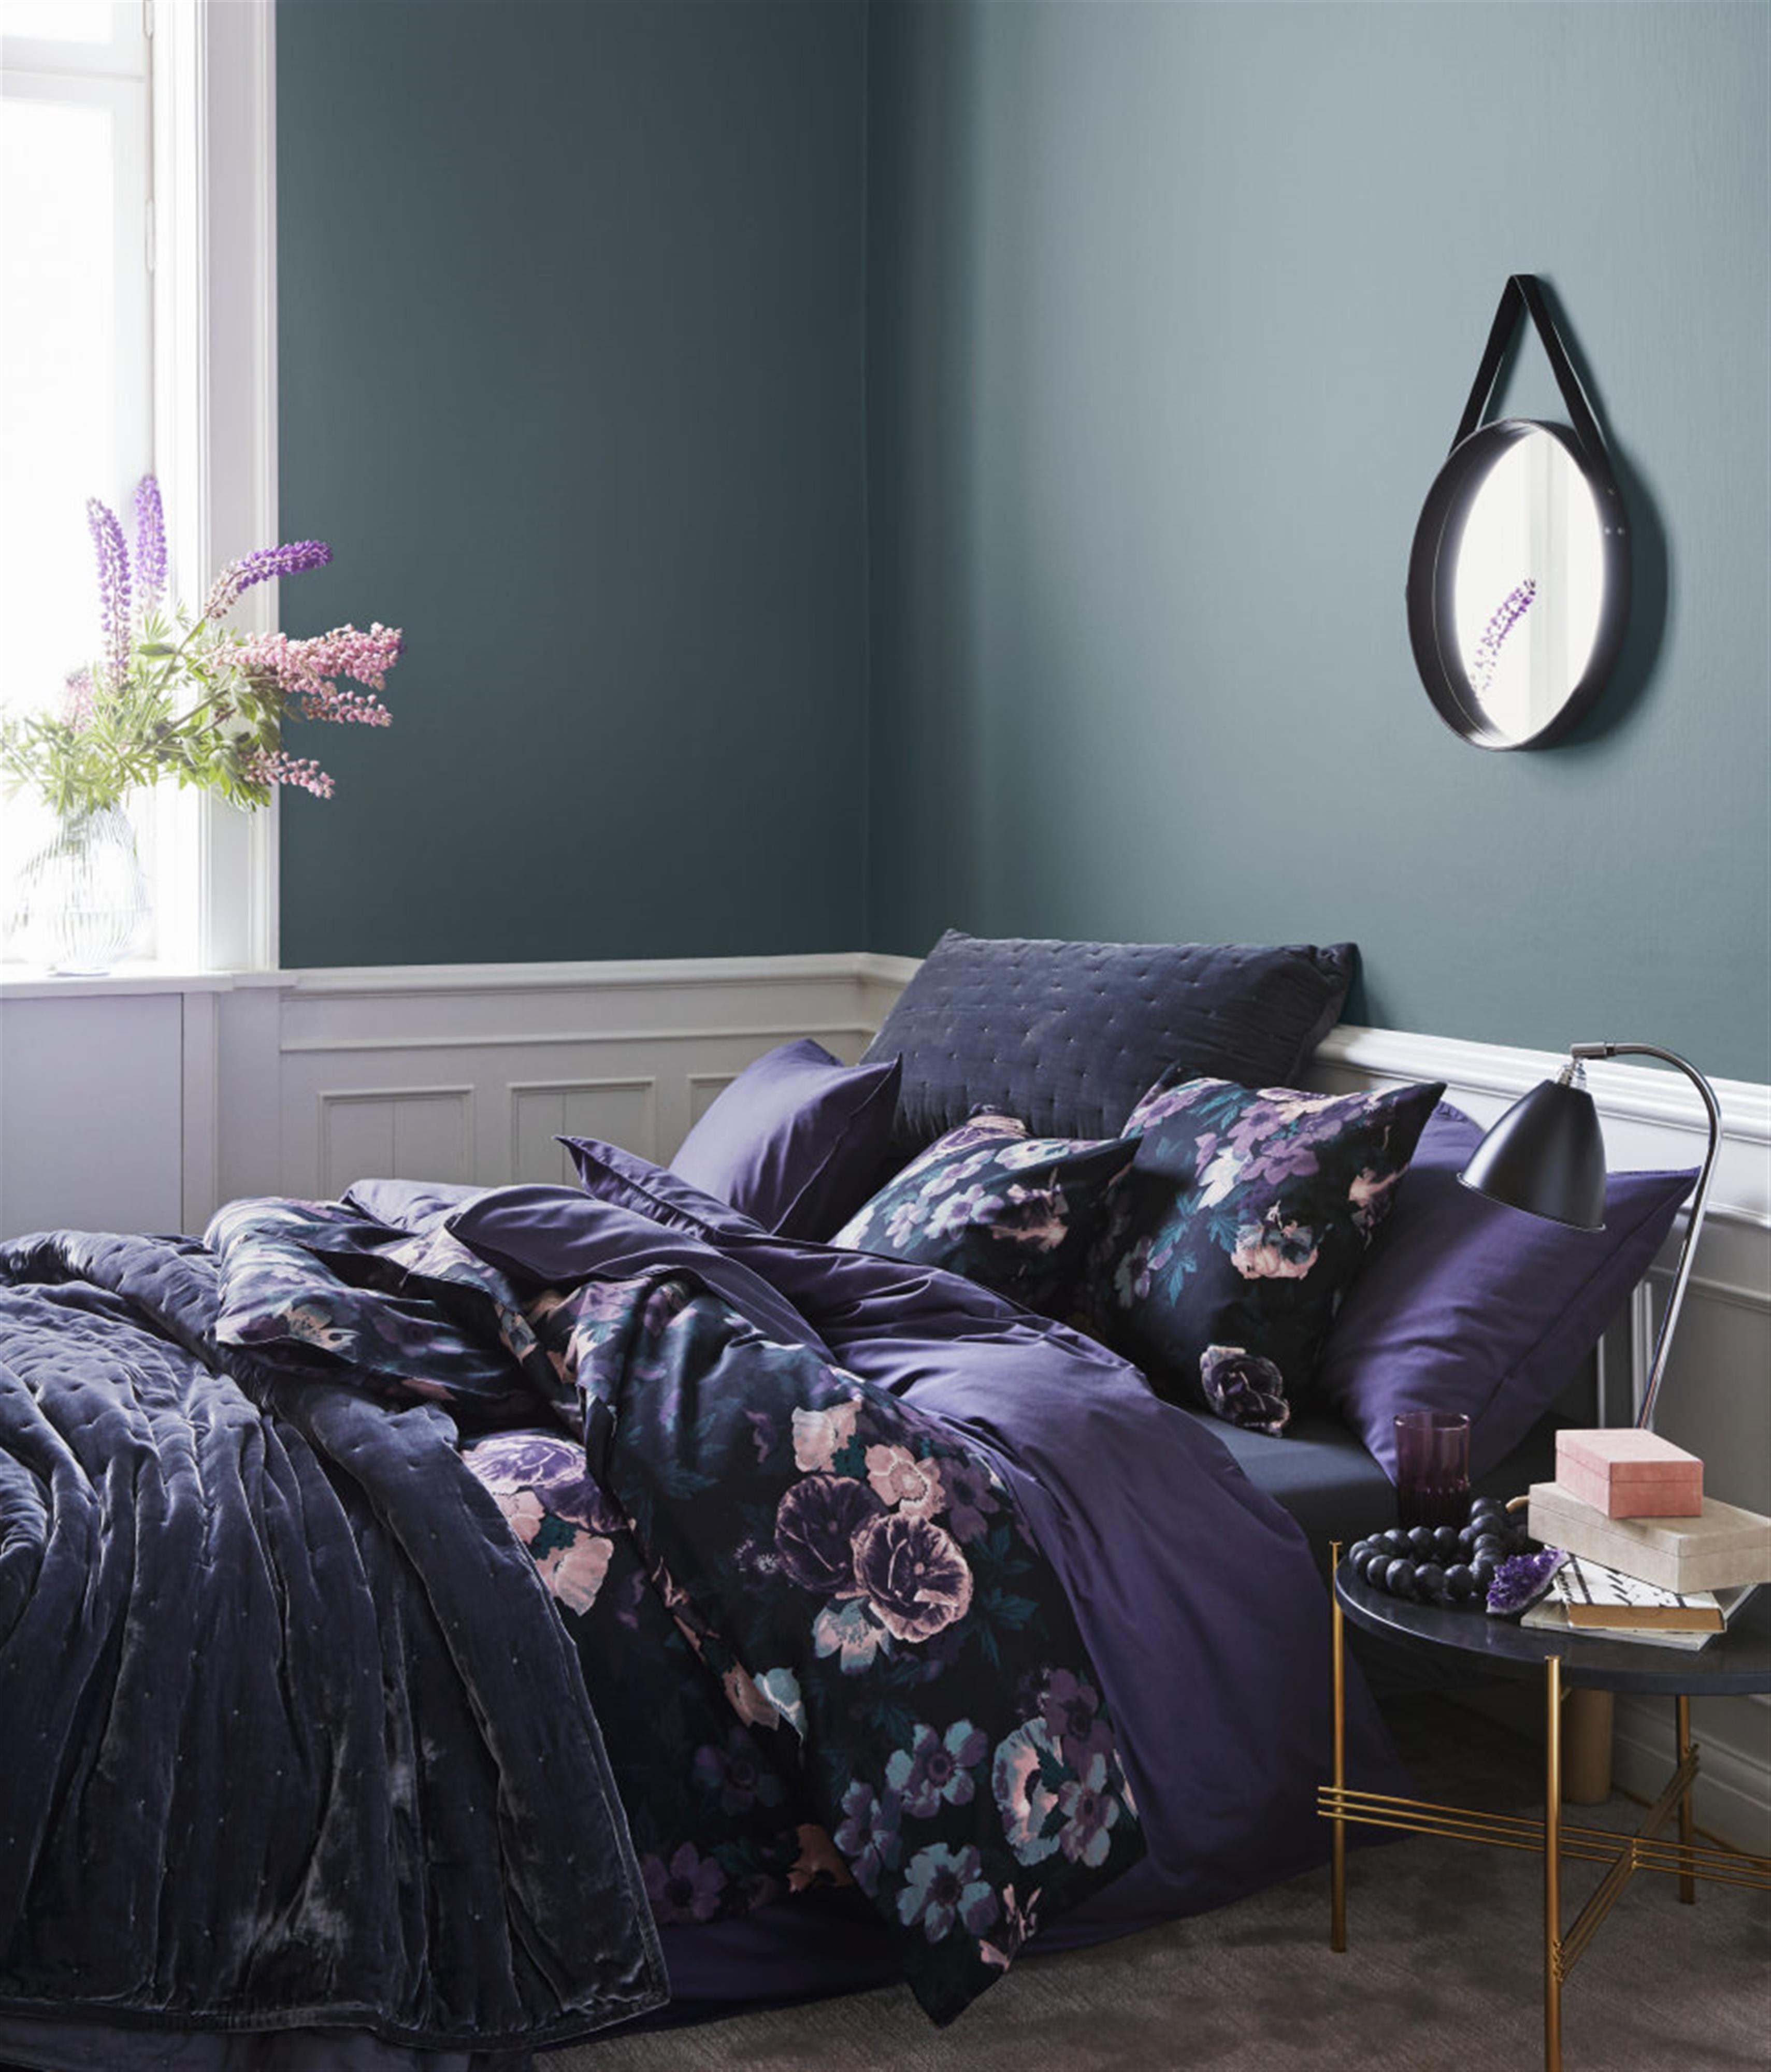 קטיפה בכיסוי מיטה, עם הדפסים רומנטיים (צילום: הנס מוריץ, באדיבות H&M Home) (צילום: הנס מוריץ, באדיבות H&M Home)